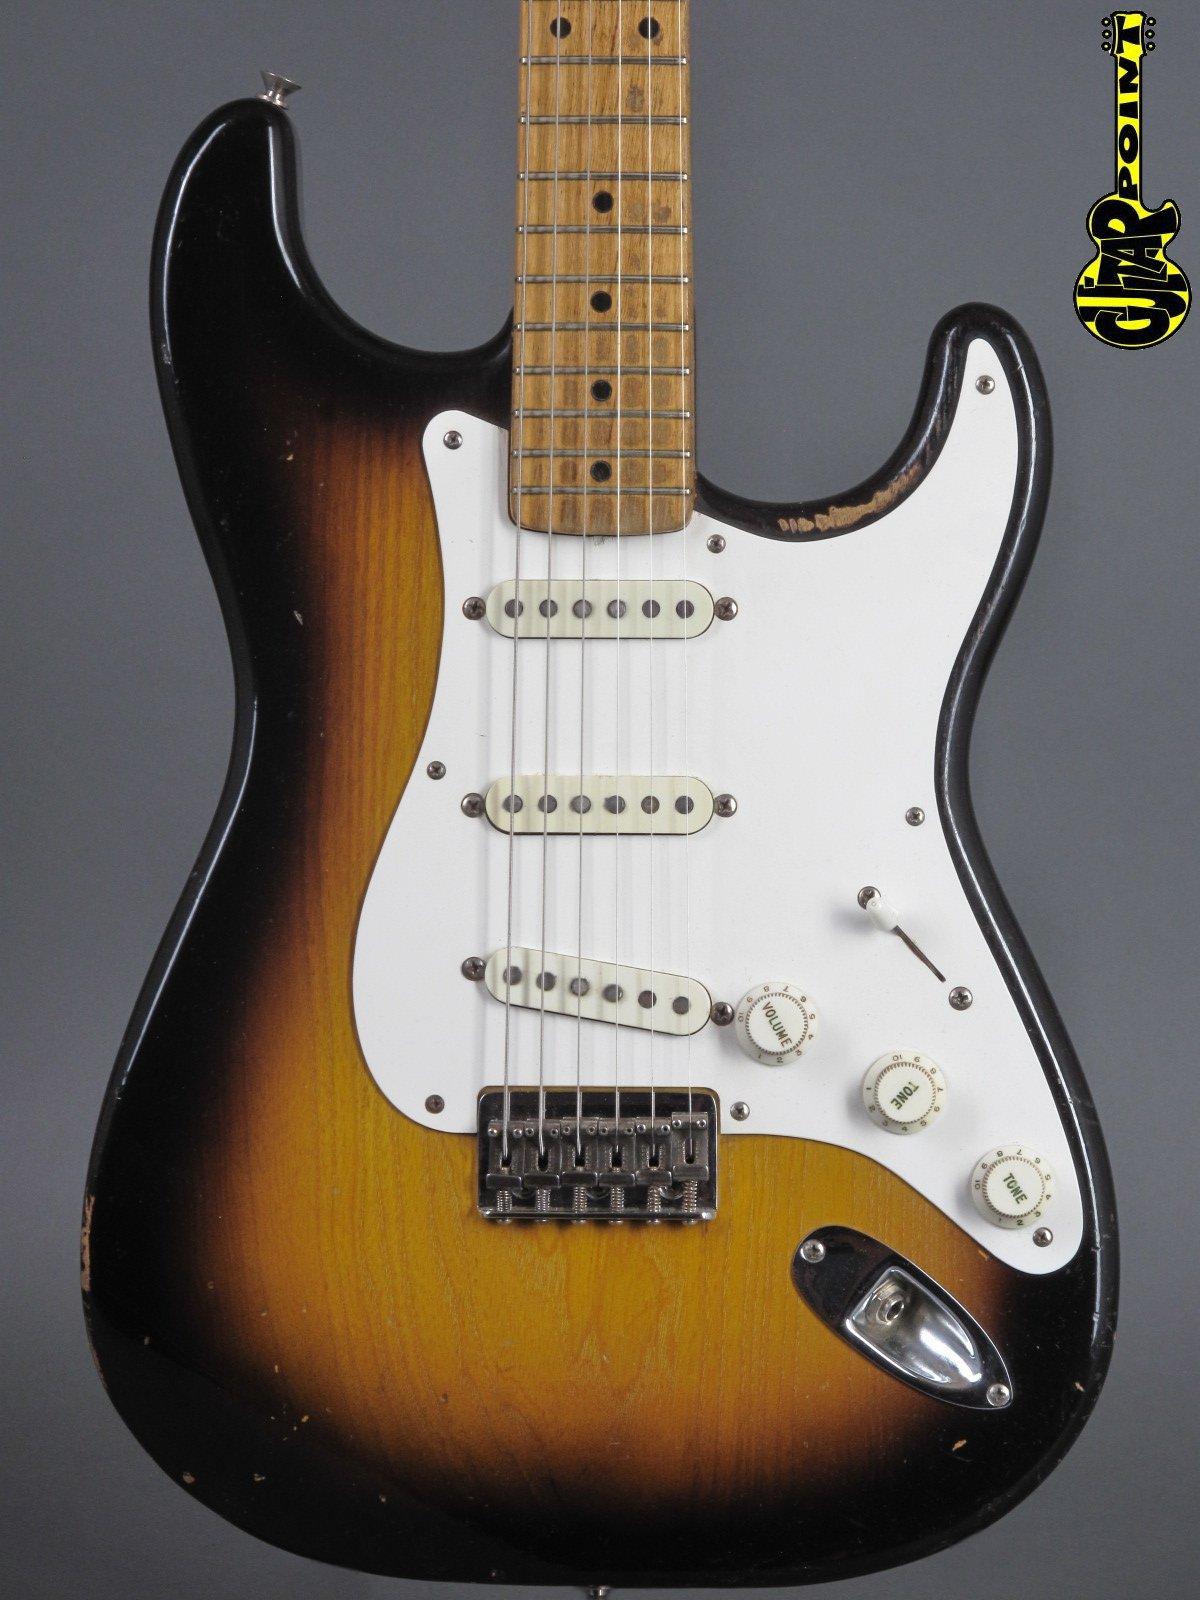 1957 Fender Stratocaster - 2-tone Sunburst   ...only 3,04 Kg!